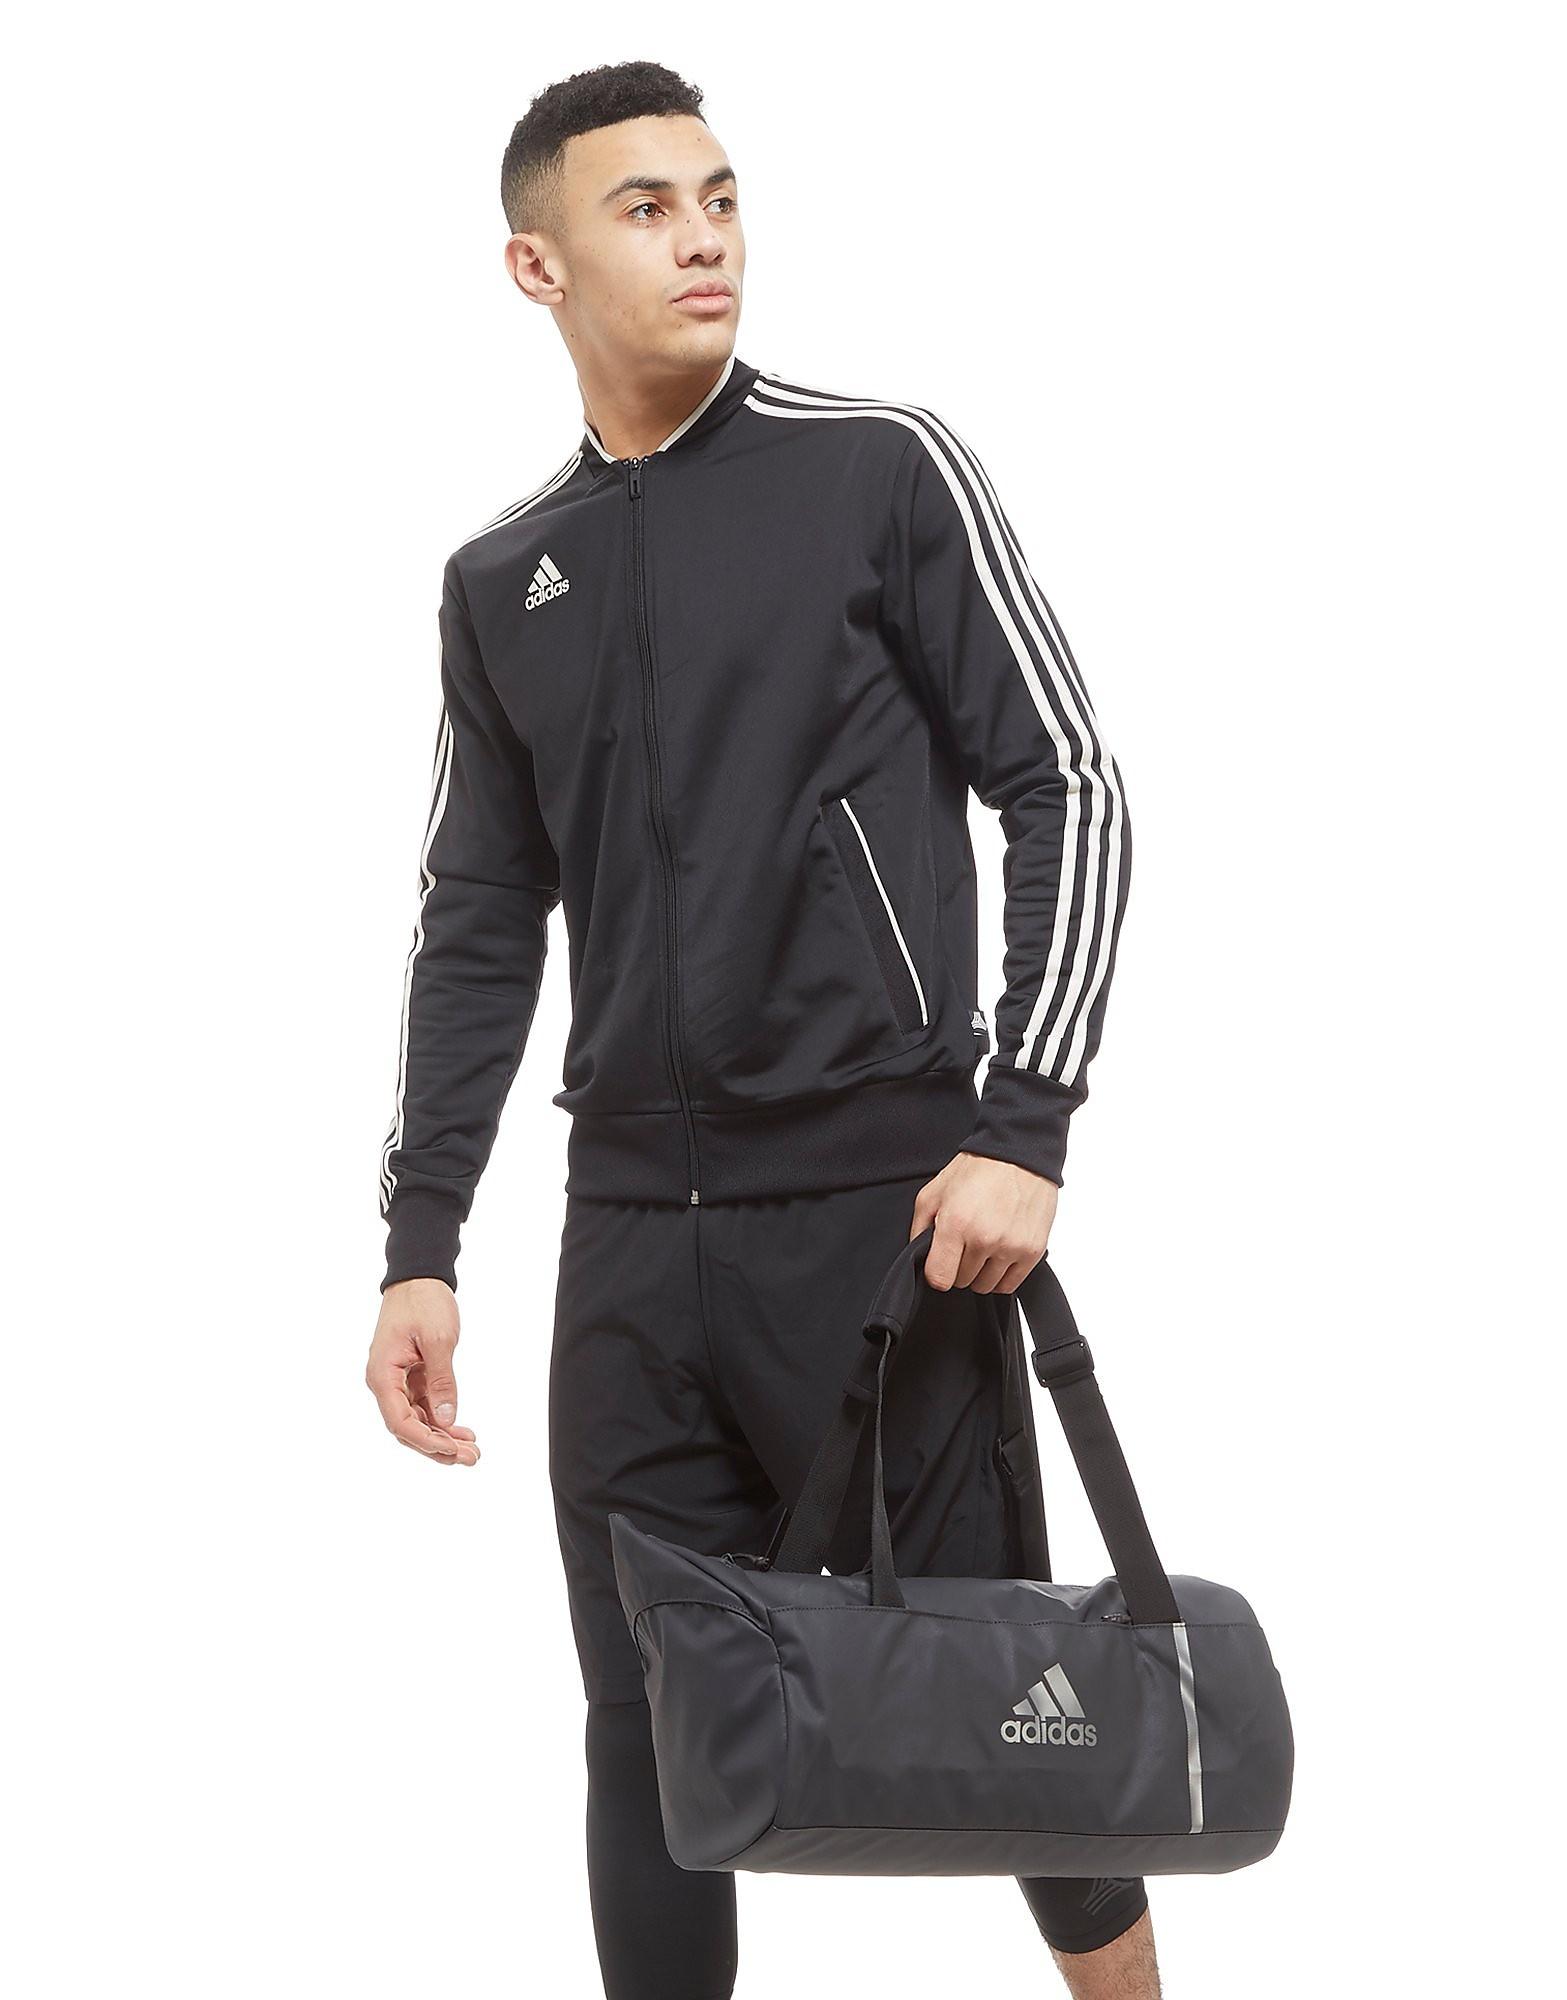 adidas Convertible Training Duffle Bag Small